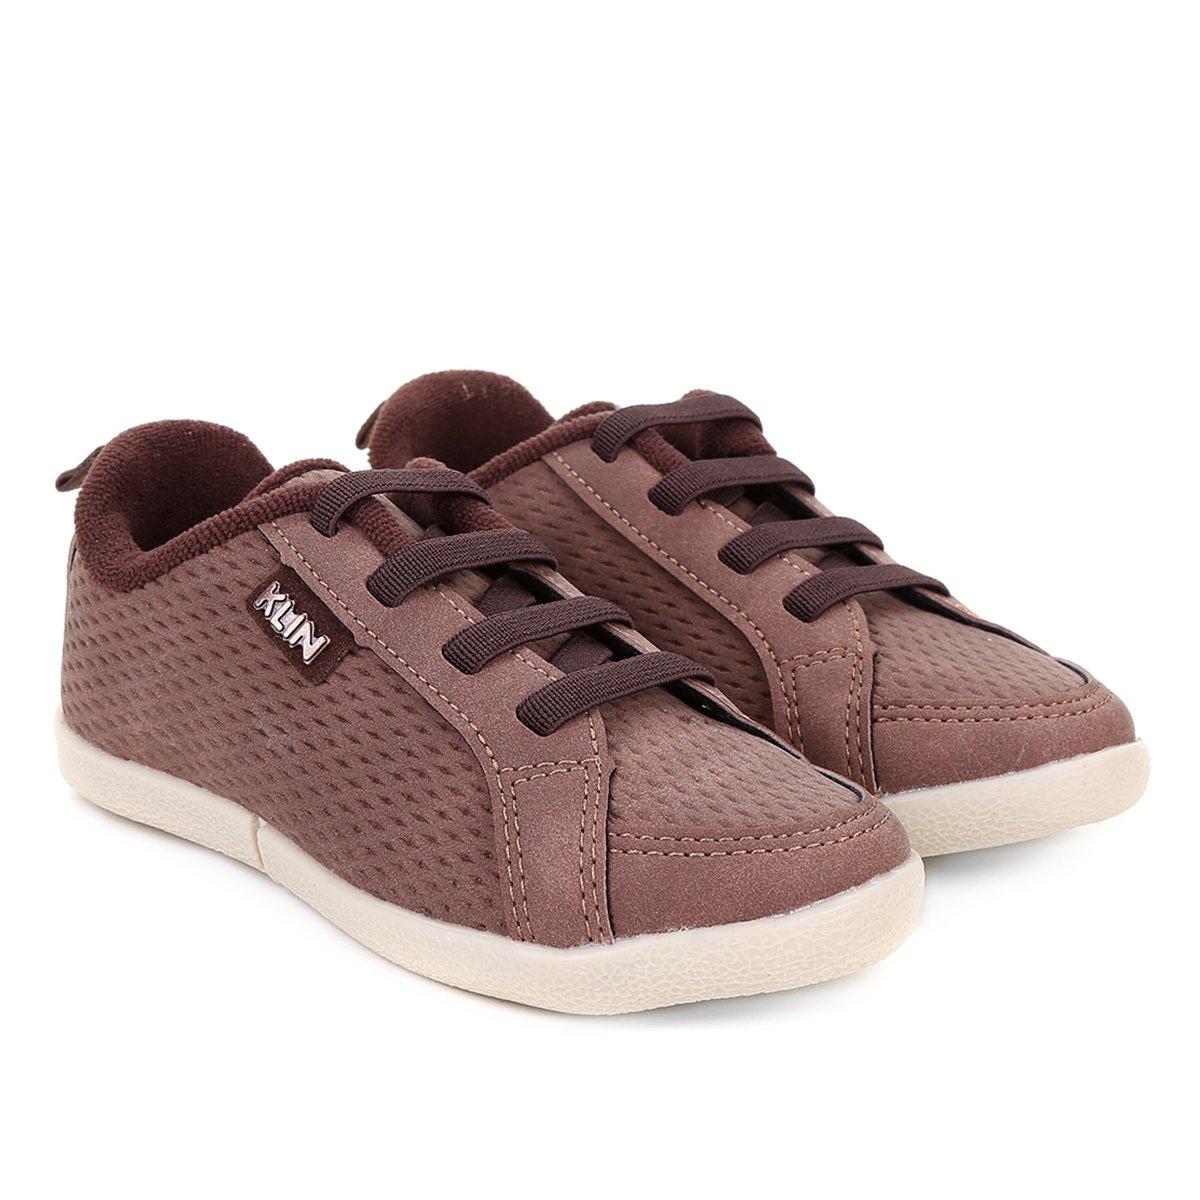 22fb31c1d10fd7 Sapatos   Livelo -Sua Vida com Mais Recompensas